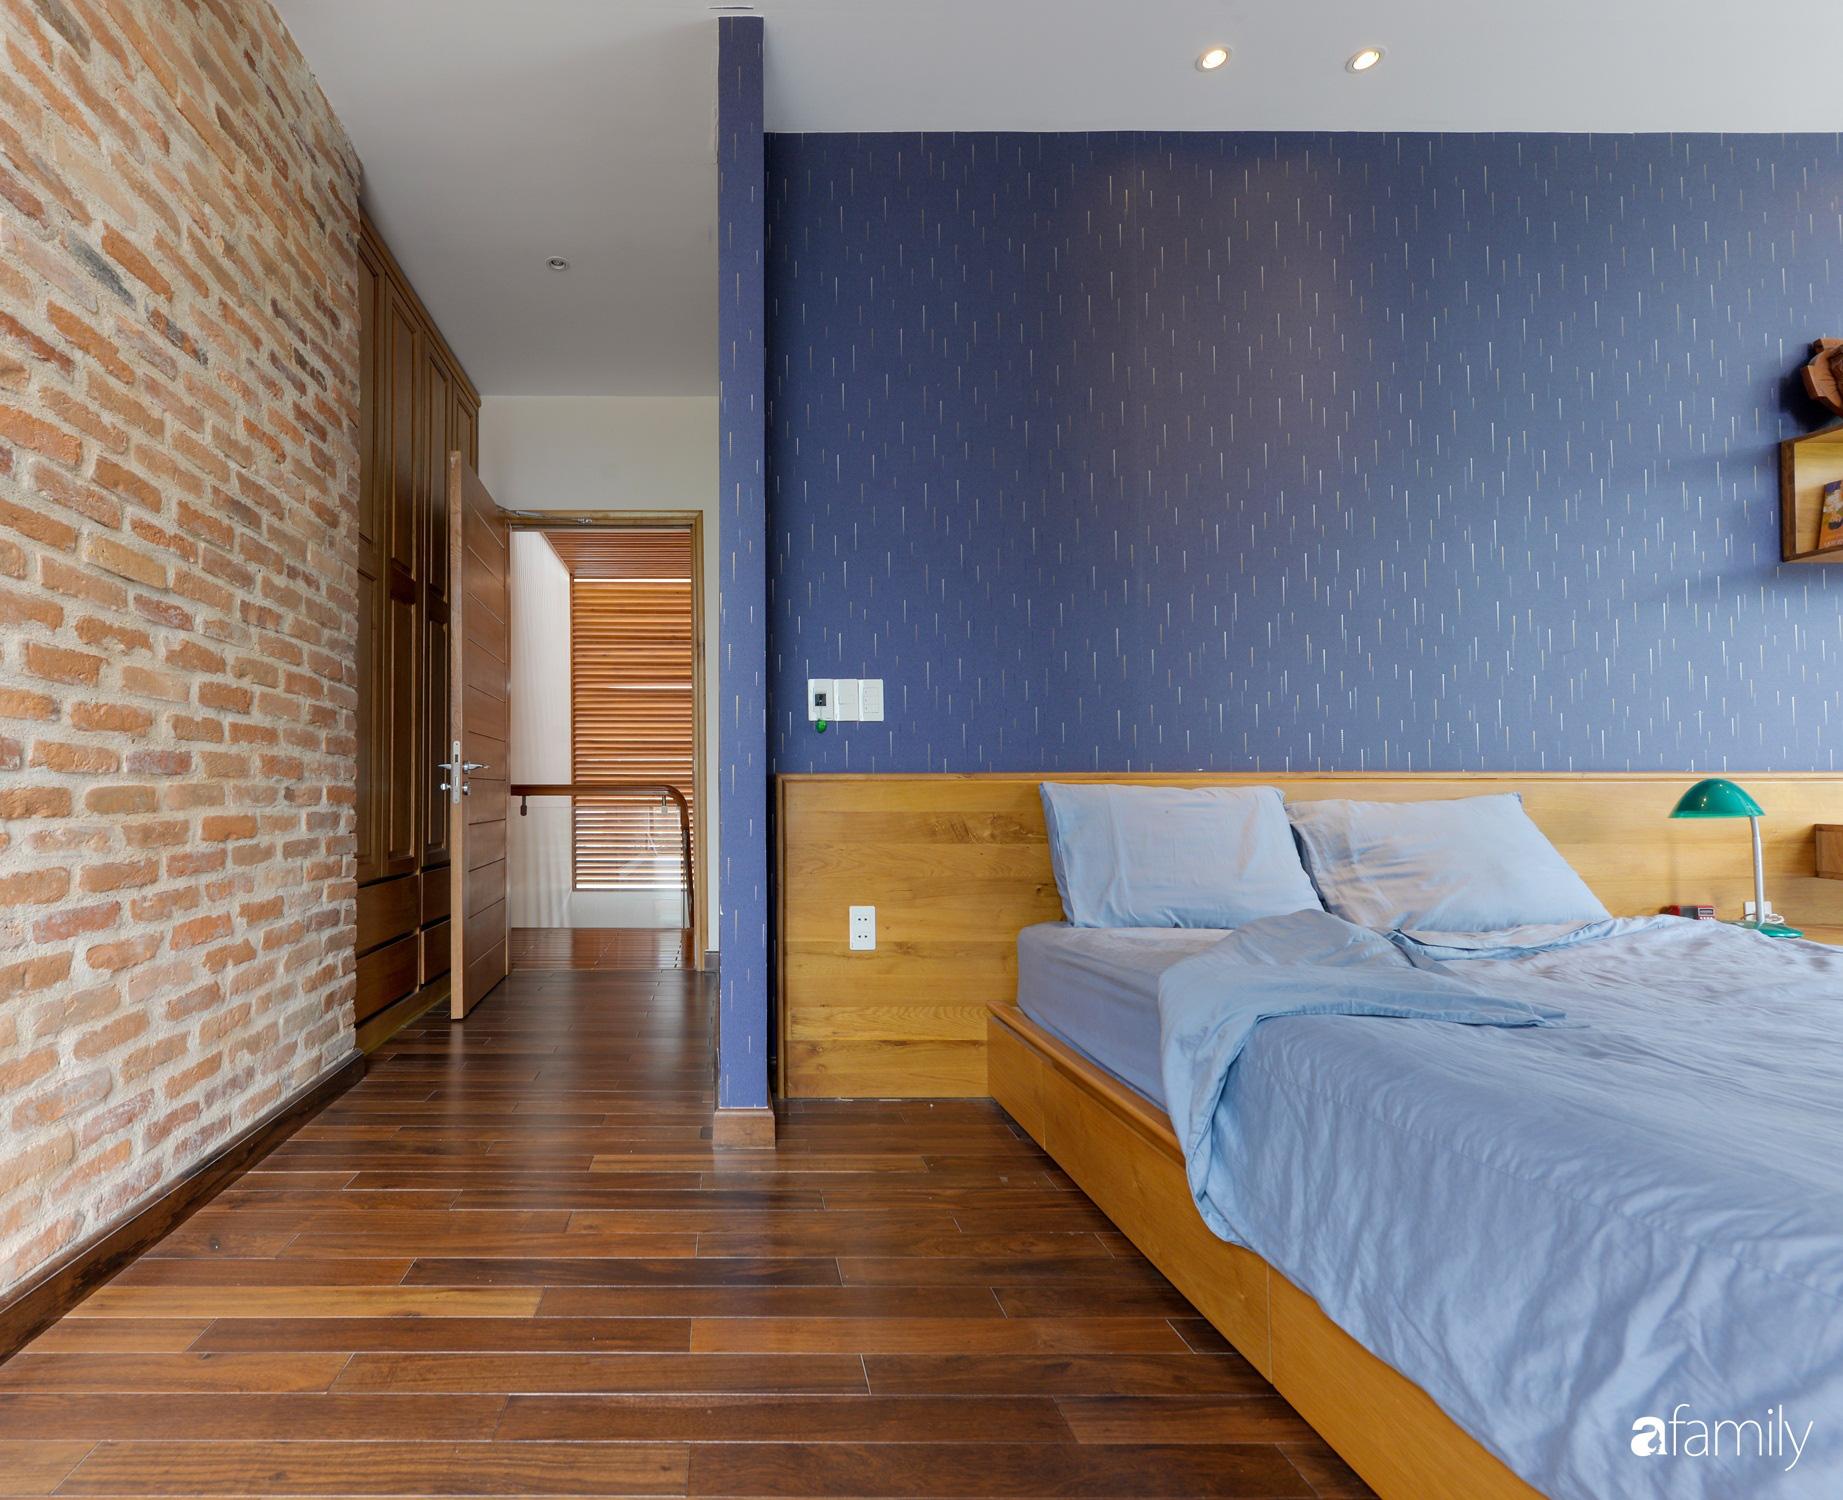 Ngôi nhà rộn ràng sắc màu cây xnh và ánh sáng i ngắm cũng yêu ở TP Biên Hò, Đồng Ni - Ảnh 16.